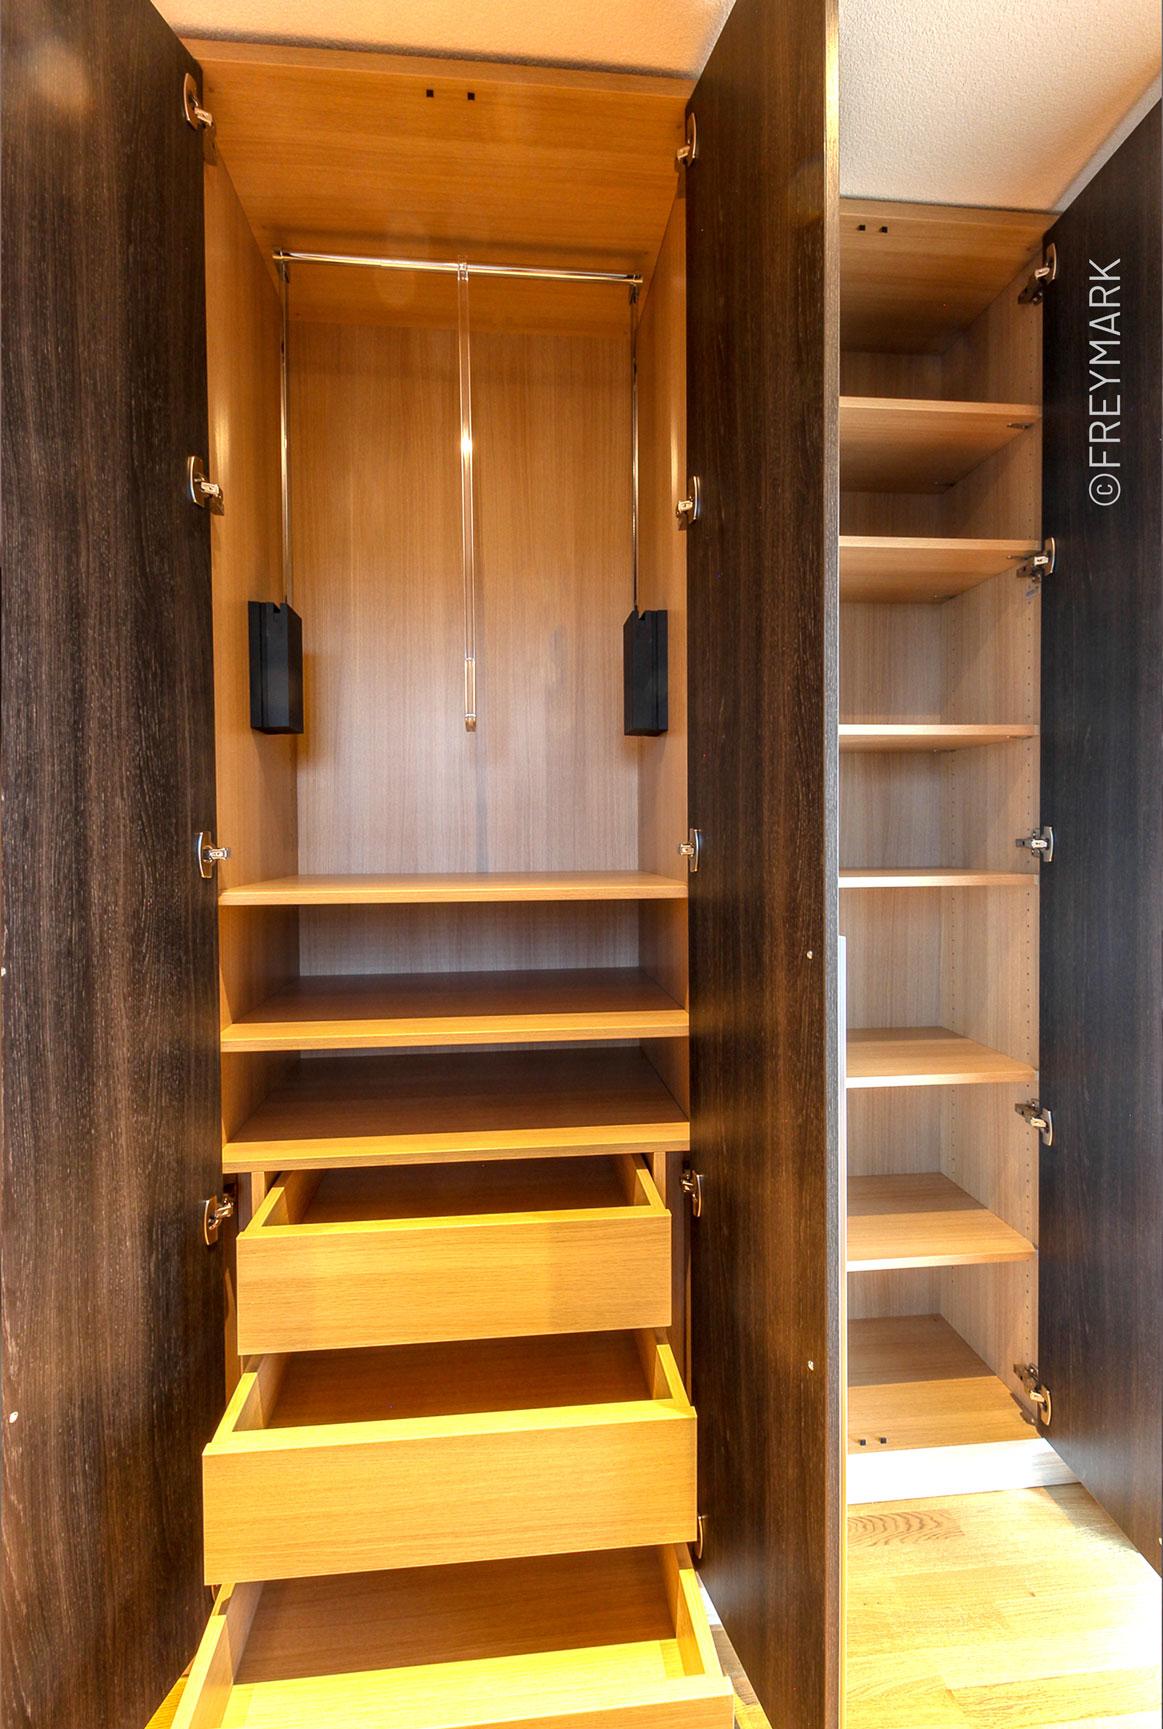 Foto der Inneneinteilung eines Kleiderschrankes mit Kleiderlift aus der Schreinerei Freymark in Freiburg